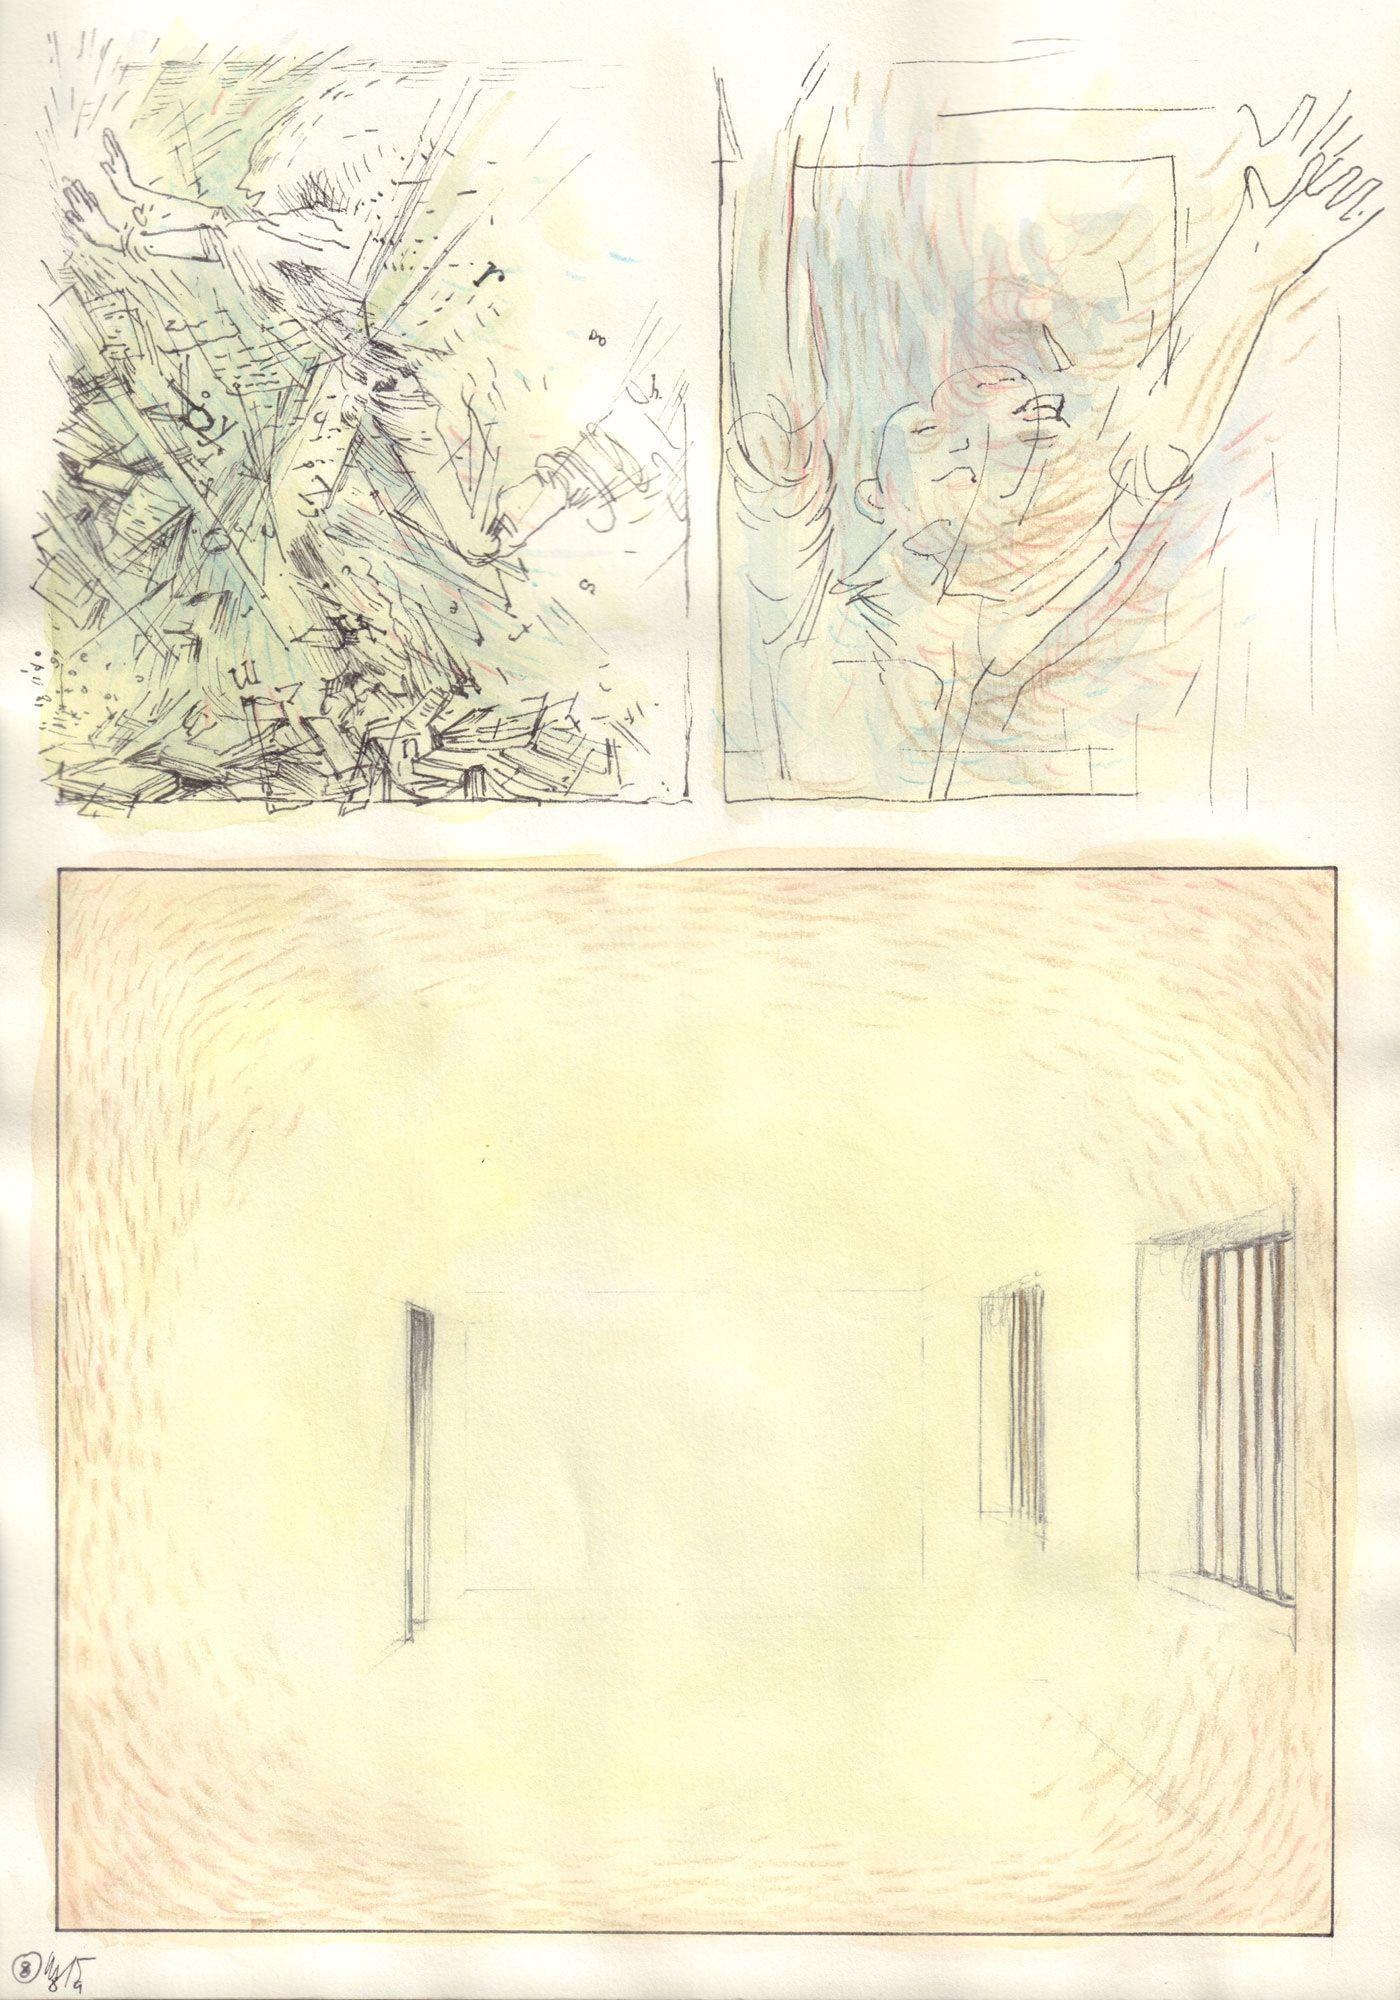 Contra Entropiae, s. 8